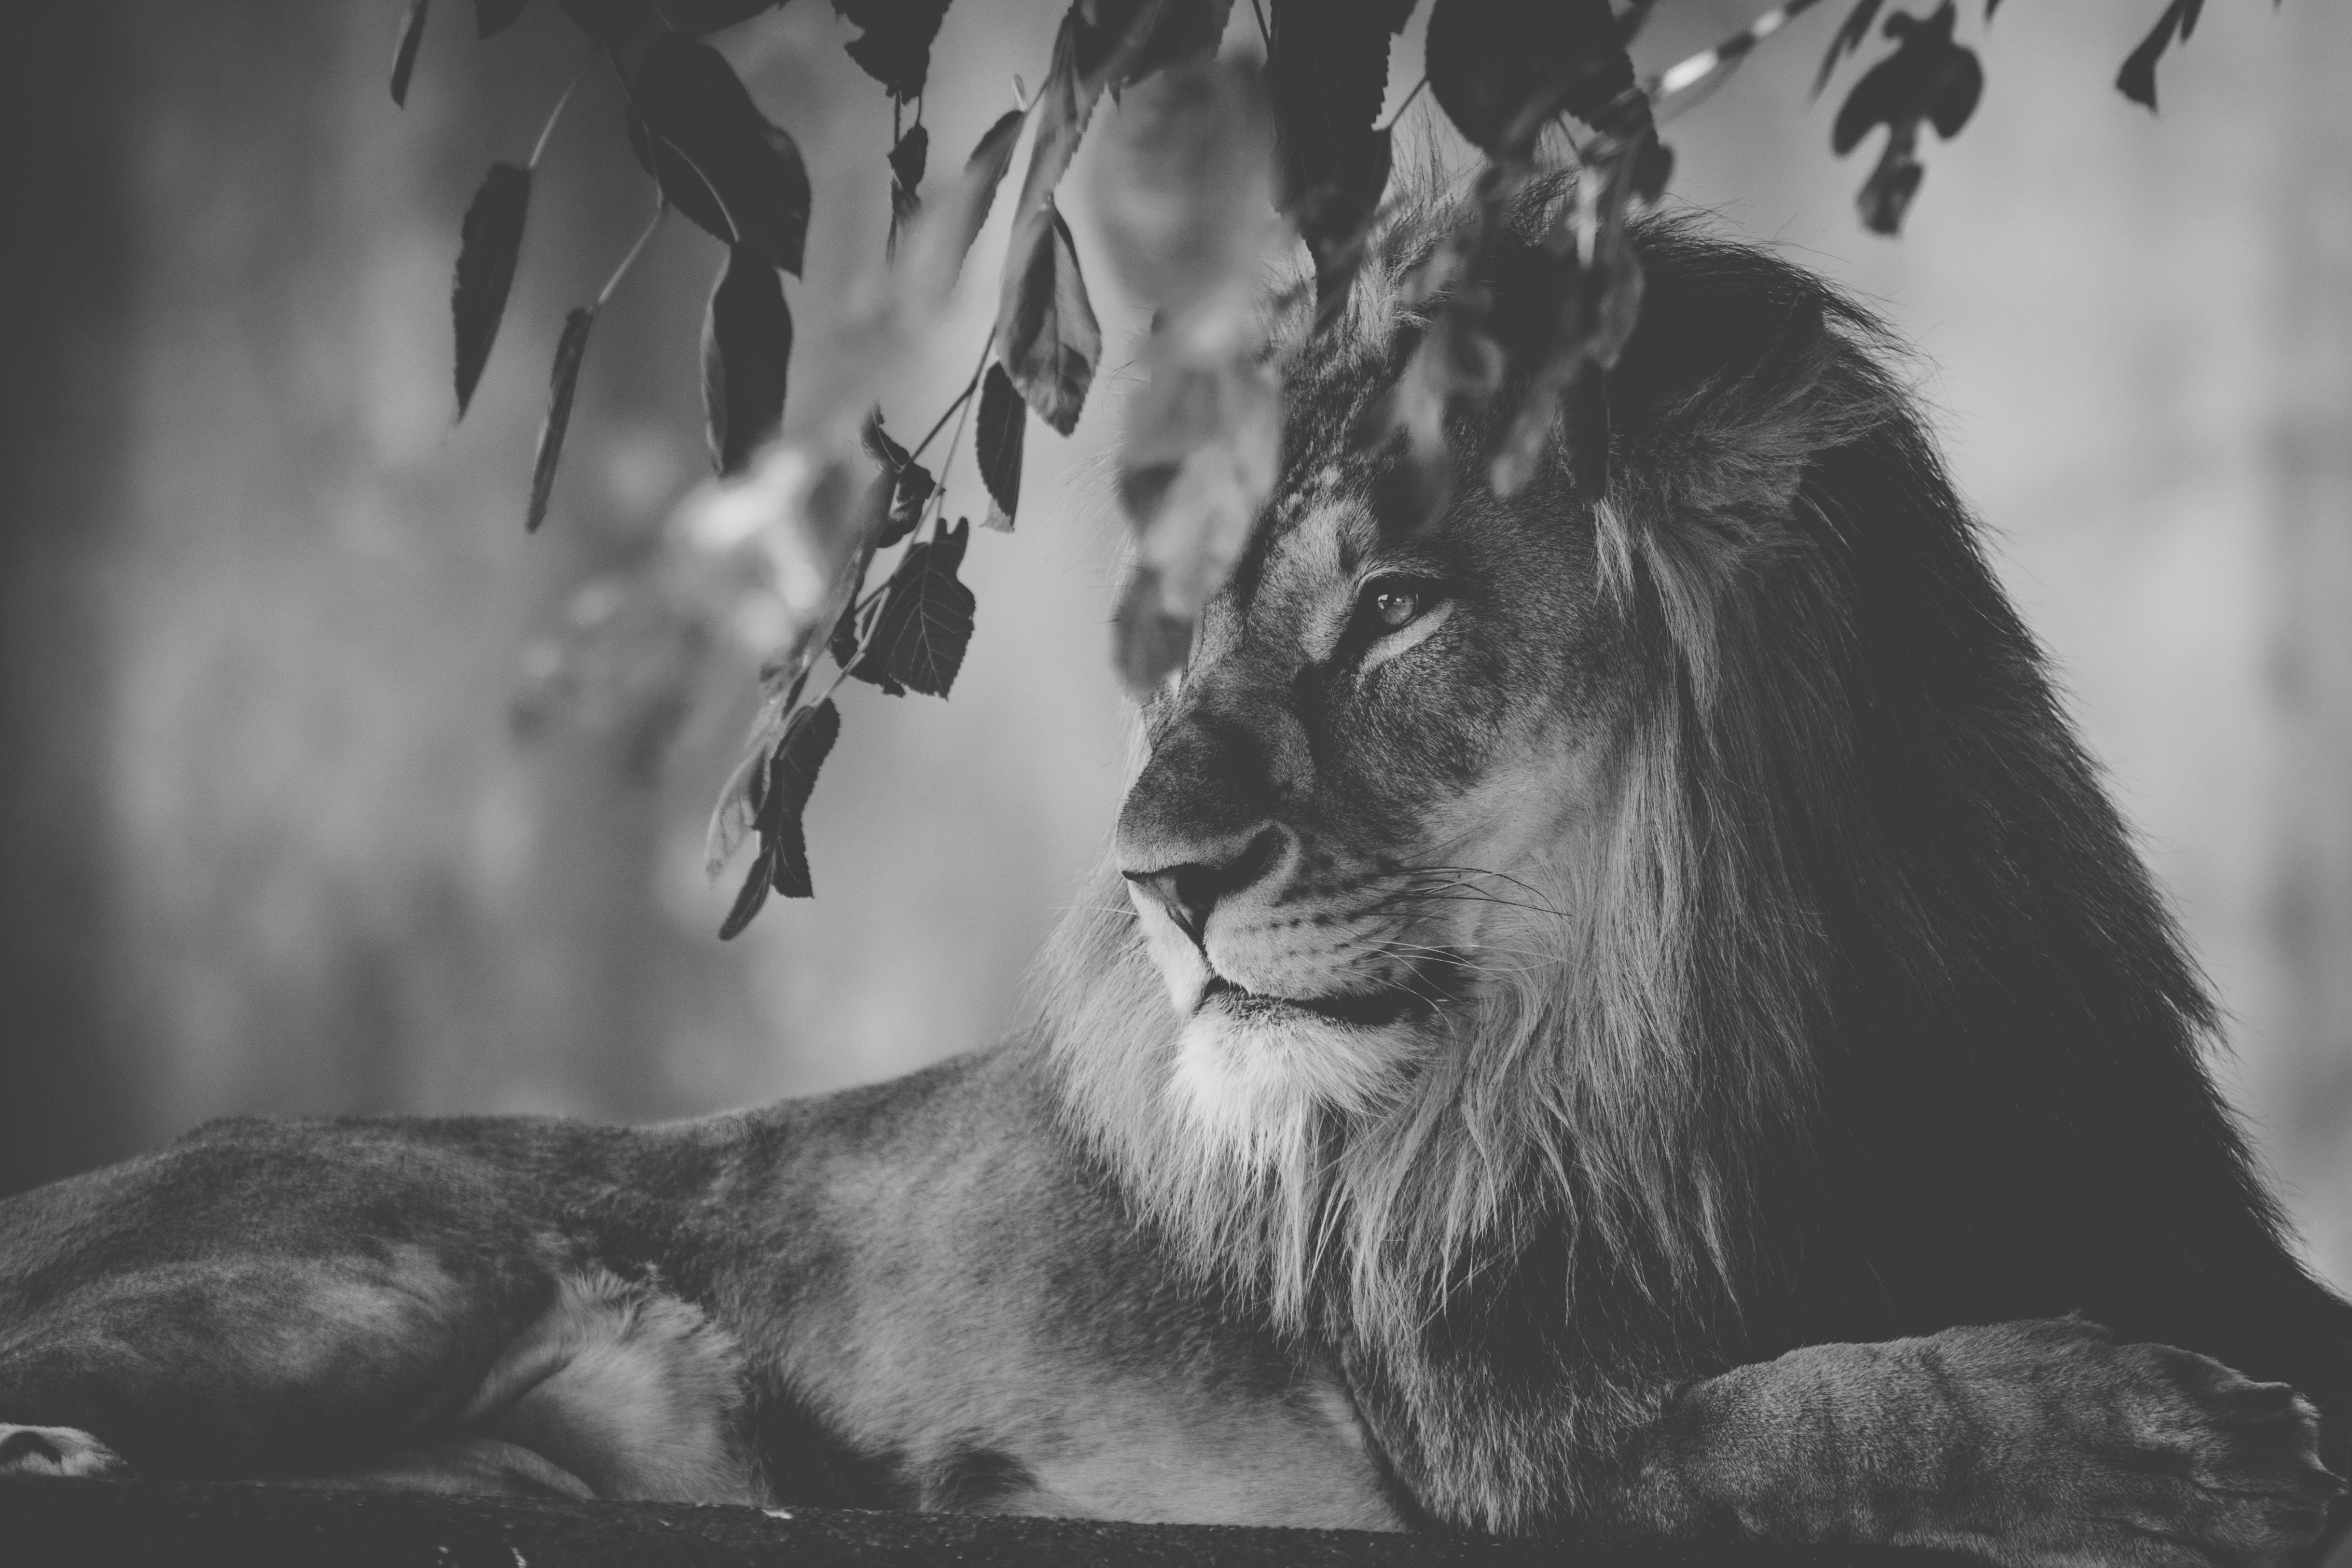 lion monochrome 1574937971 - Lion Monochrome -